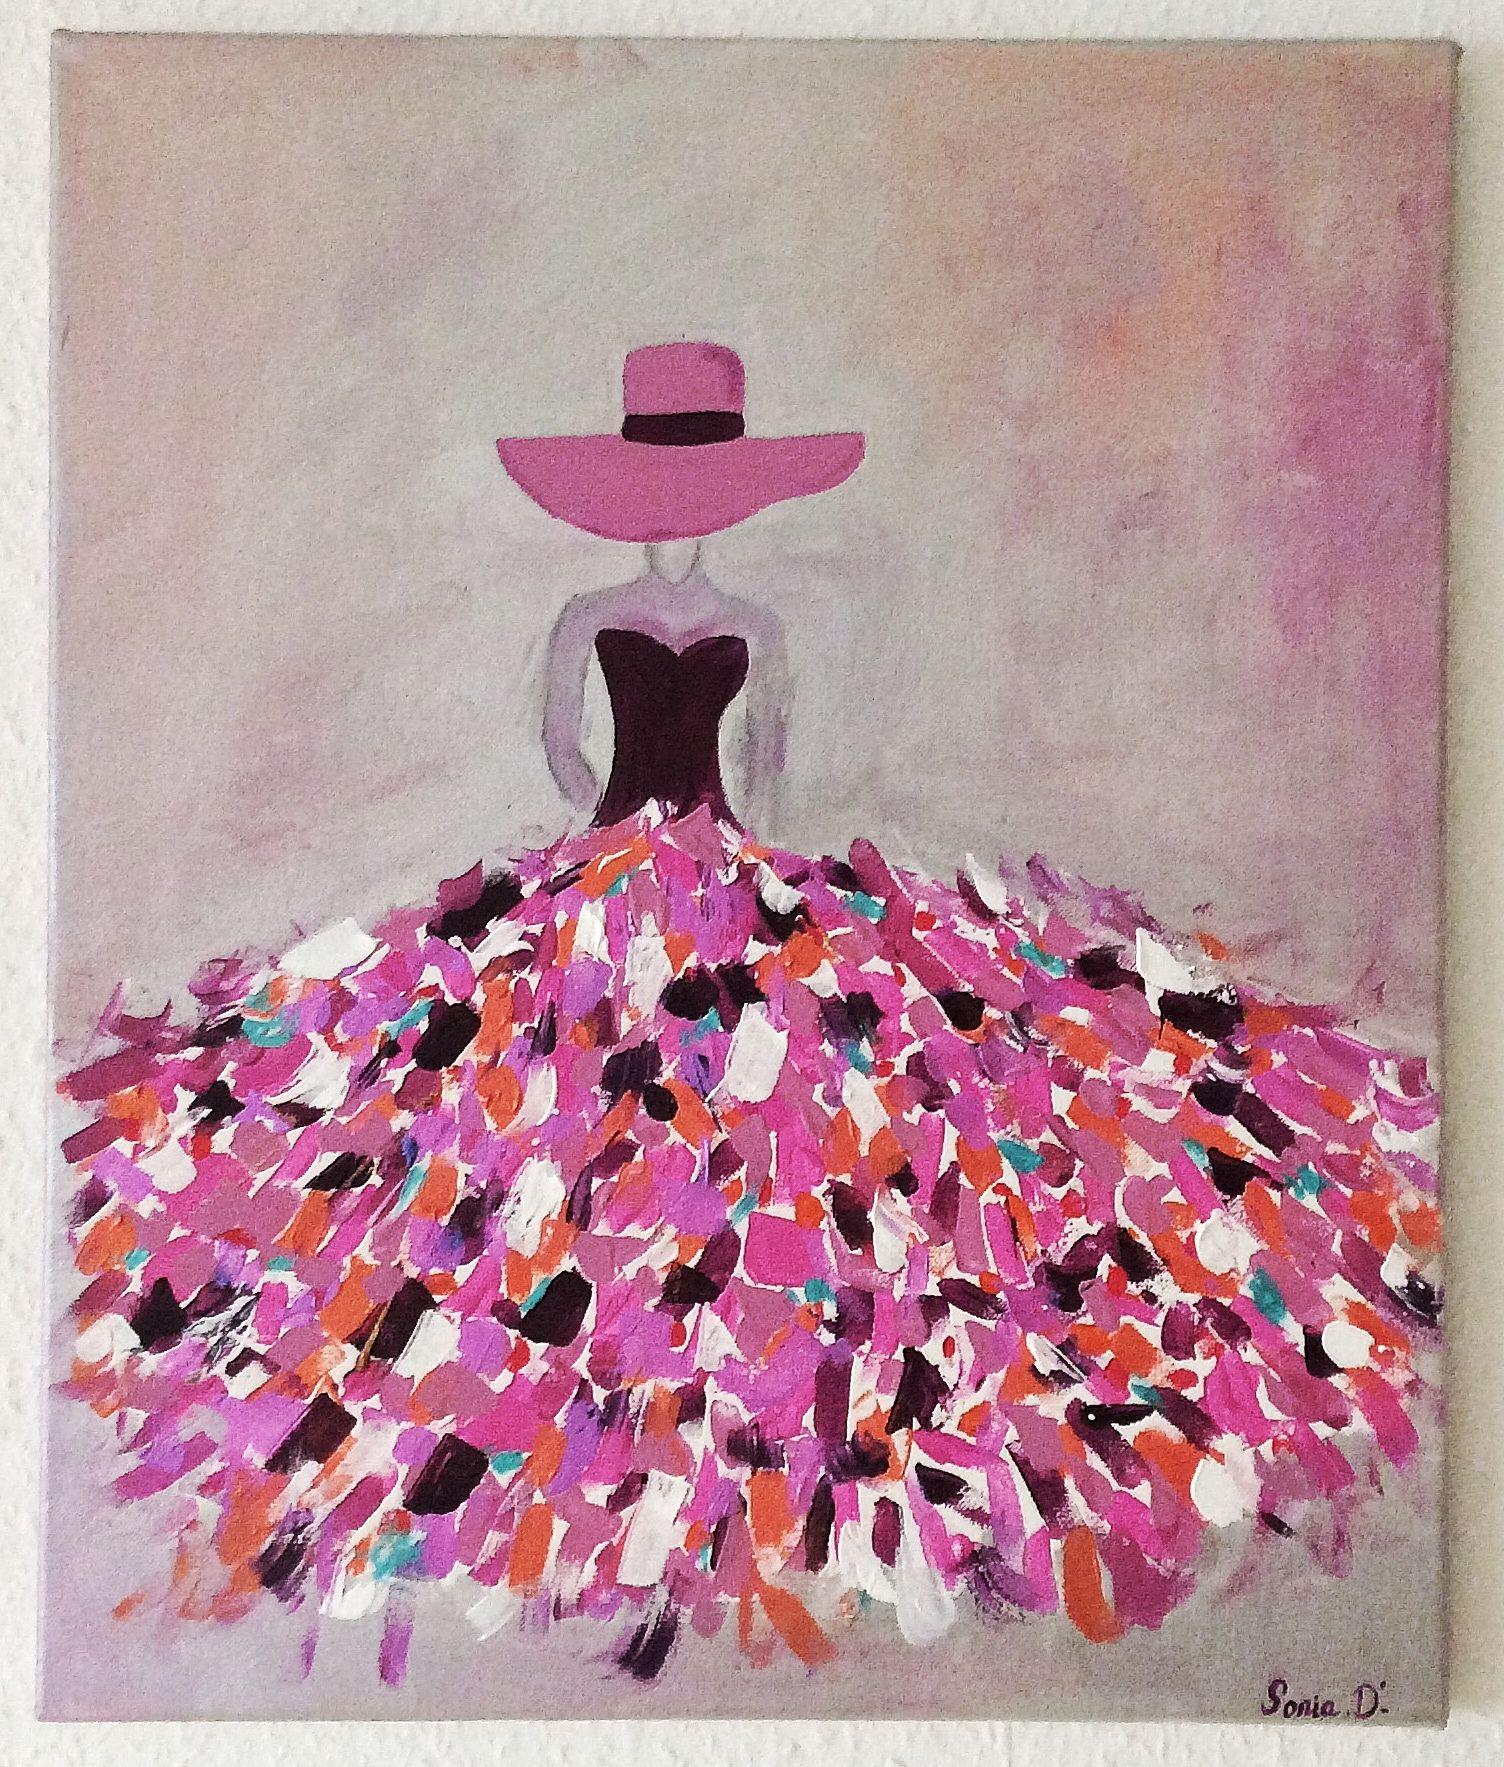 c 39 est un tableau moderne qui repr sente une femme dans une robe aux couleurs flamboyantes sur. Black Bedroom Furniture Sets. Home Design Ideas